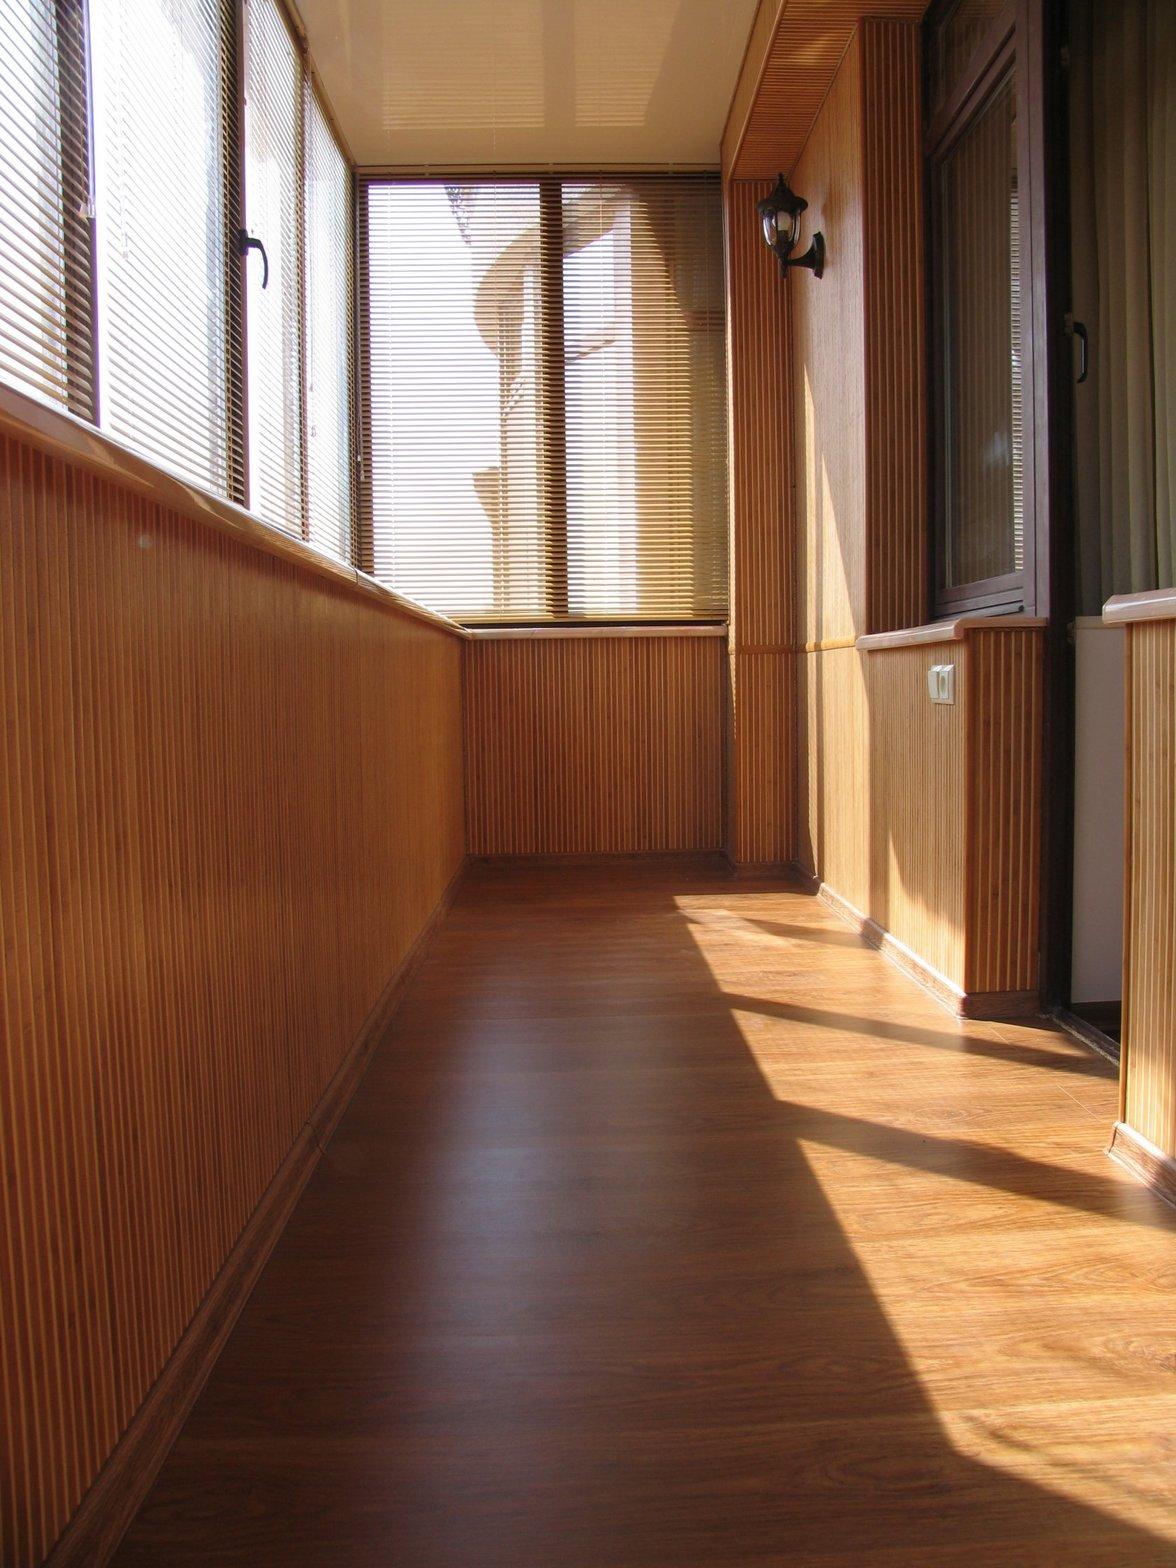 Обшивка балкона кривой рог: продажа, цена в кривом роге, теп.